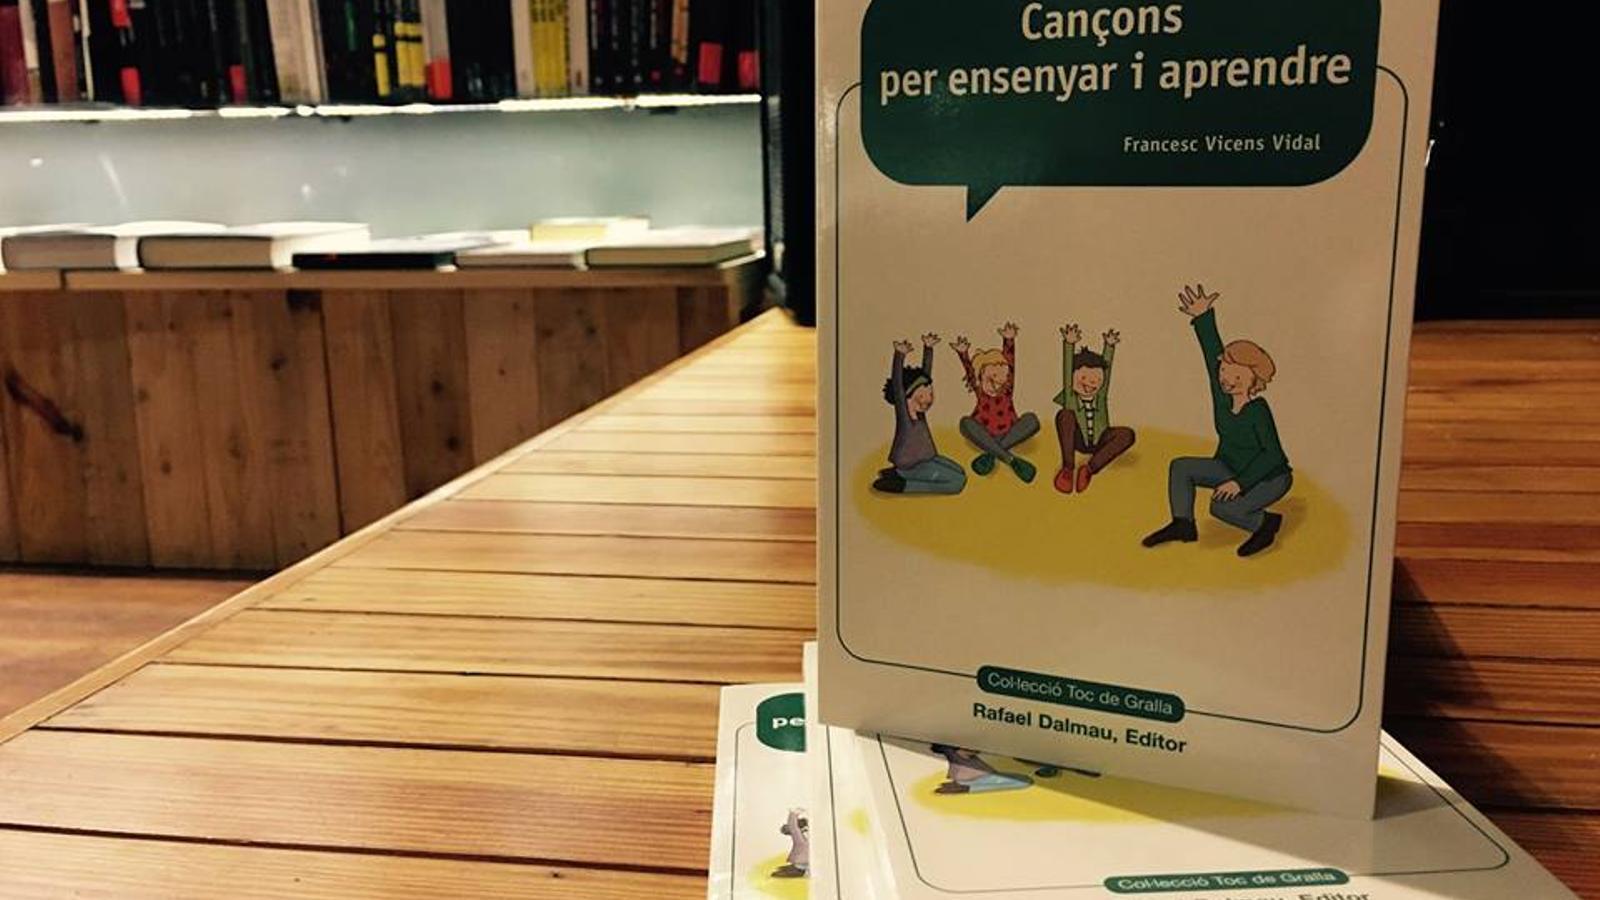 Portada del llibre 'Cançons per ensenyar i aprendre' del musicòleg Francesc Vicens. / ARA BALEARS